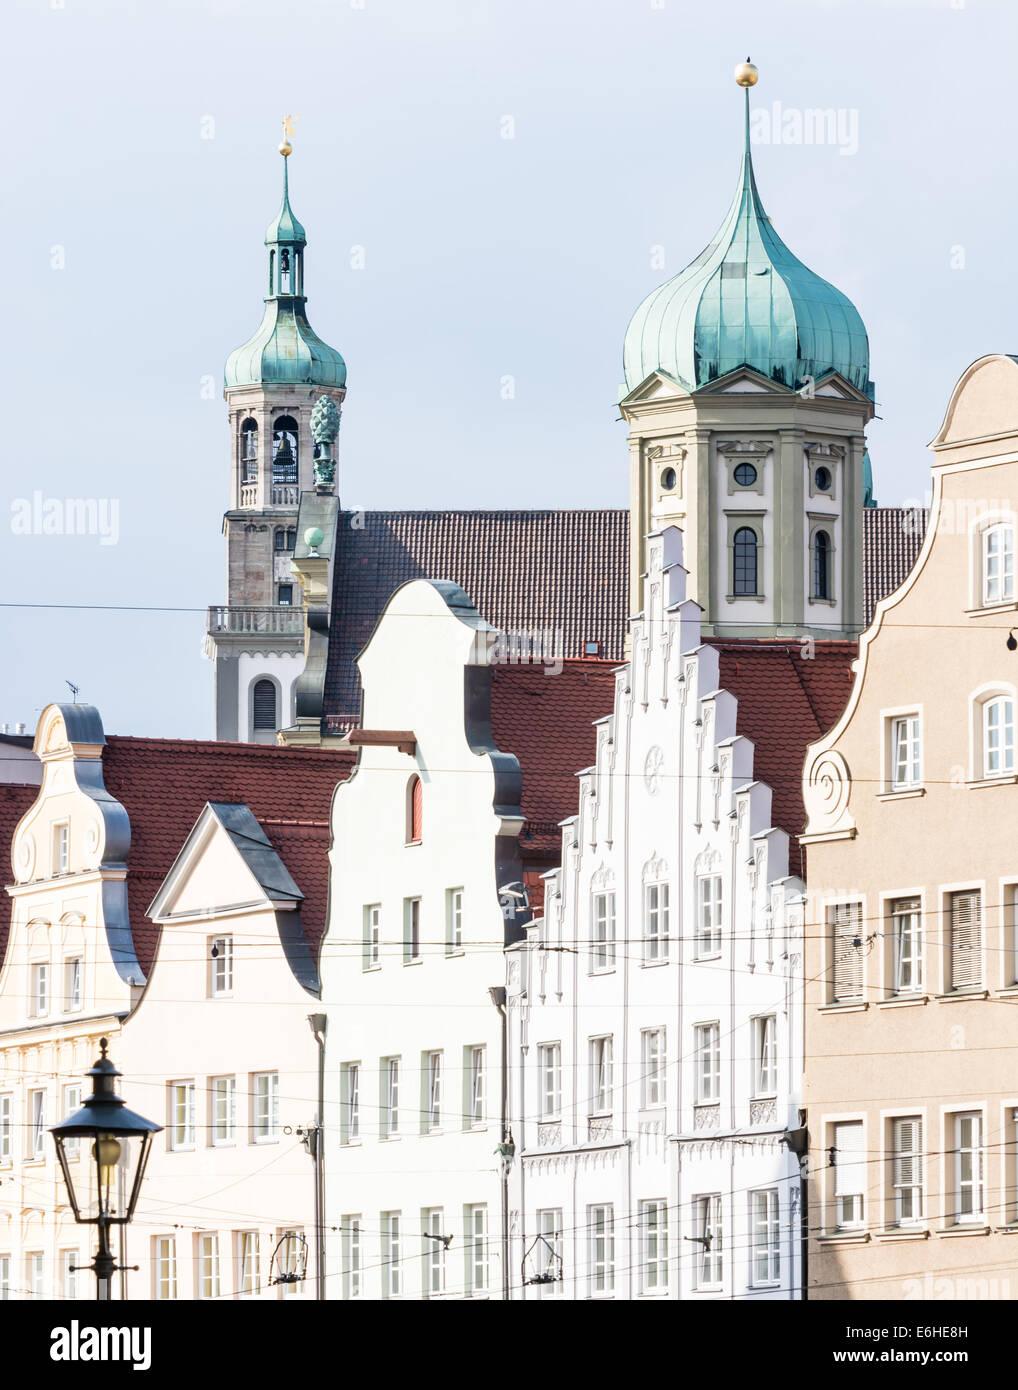 Historischen Renaissance Rathaus Augsburg und dem Perlach-Turm Stockbild